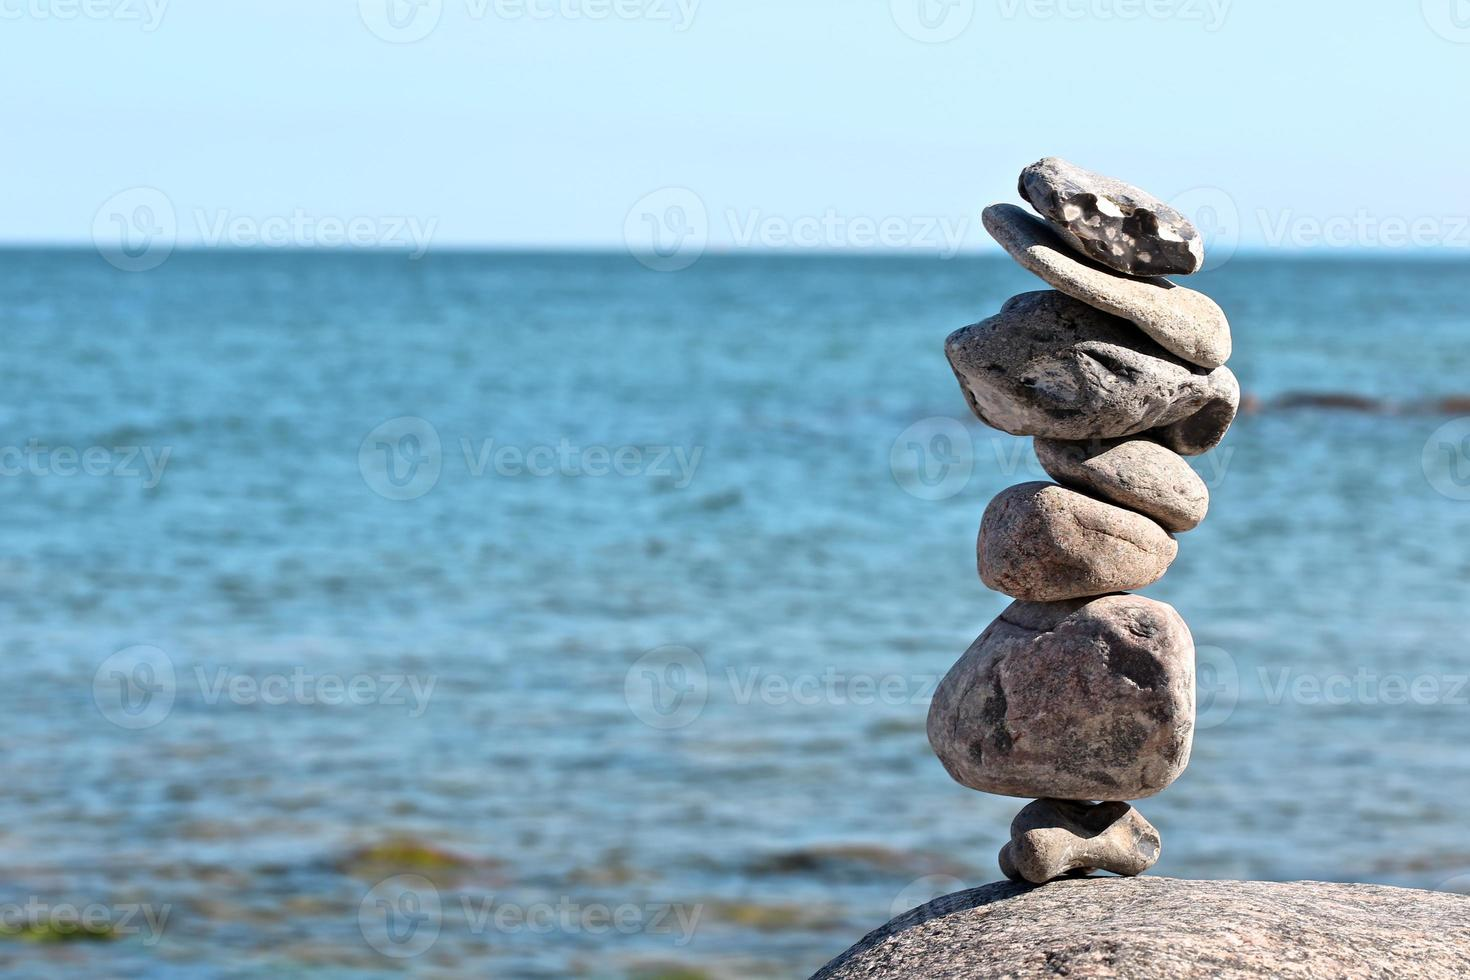 rocas zen con mar borrosa en el fondo foto